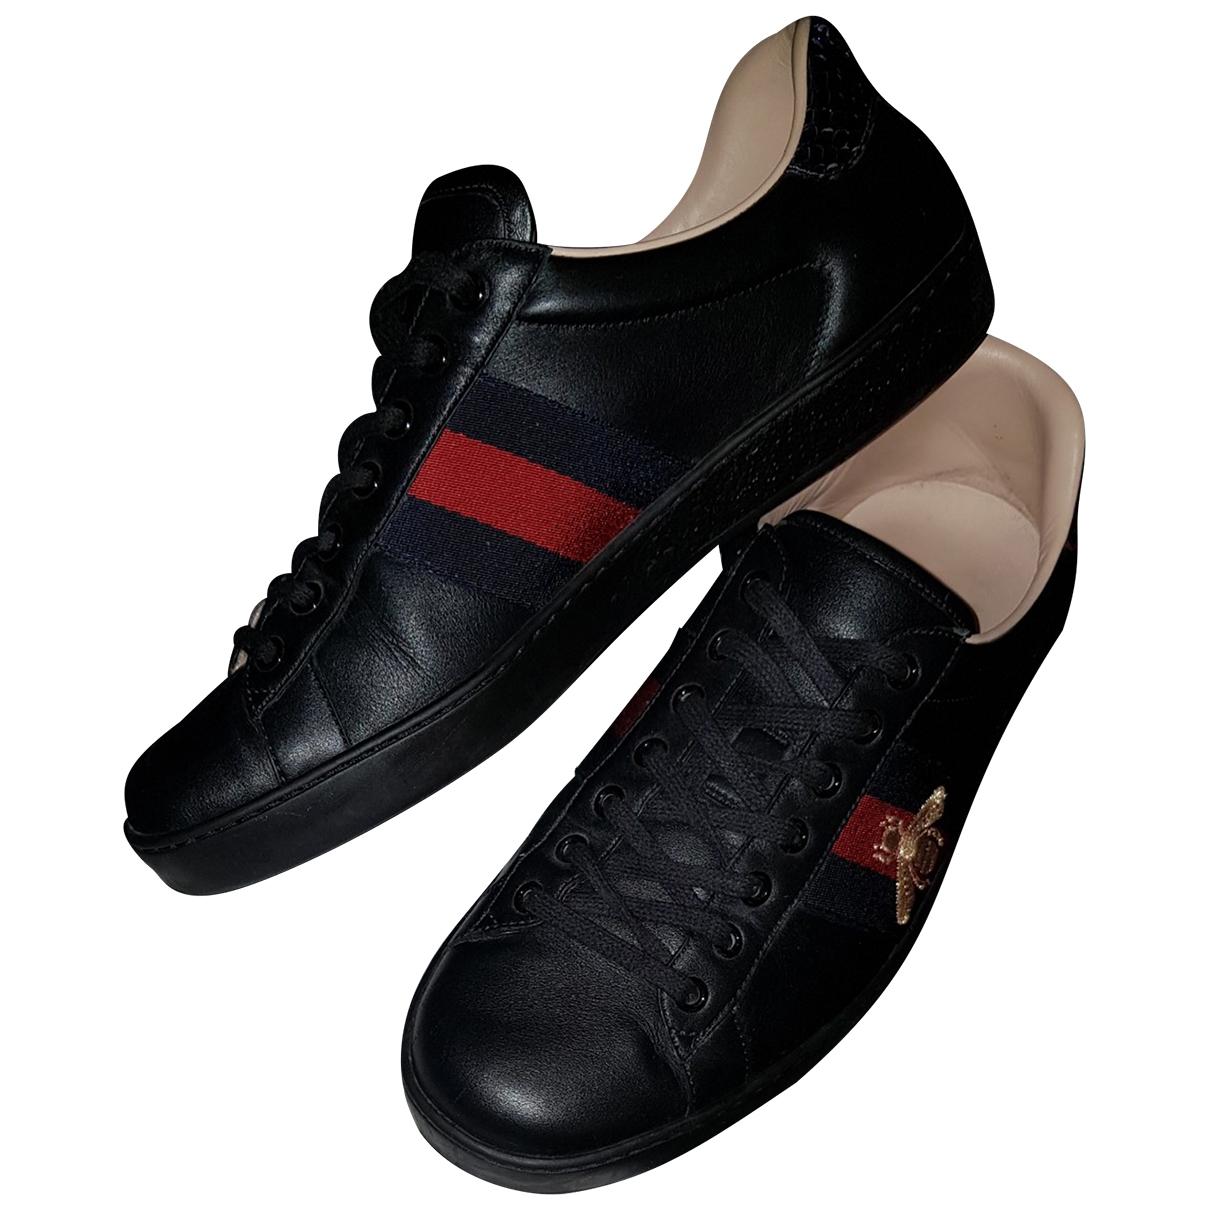 Gucci - Baskets Ace pour homme en cuir - marine